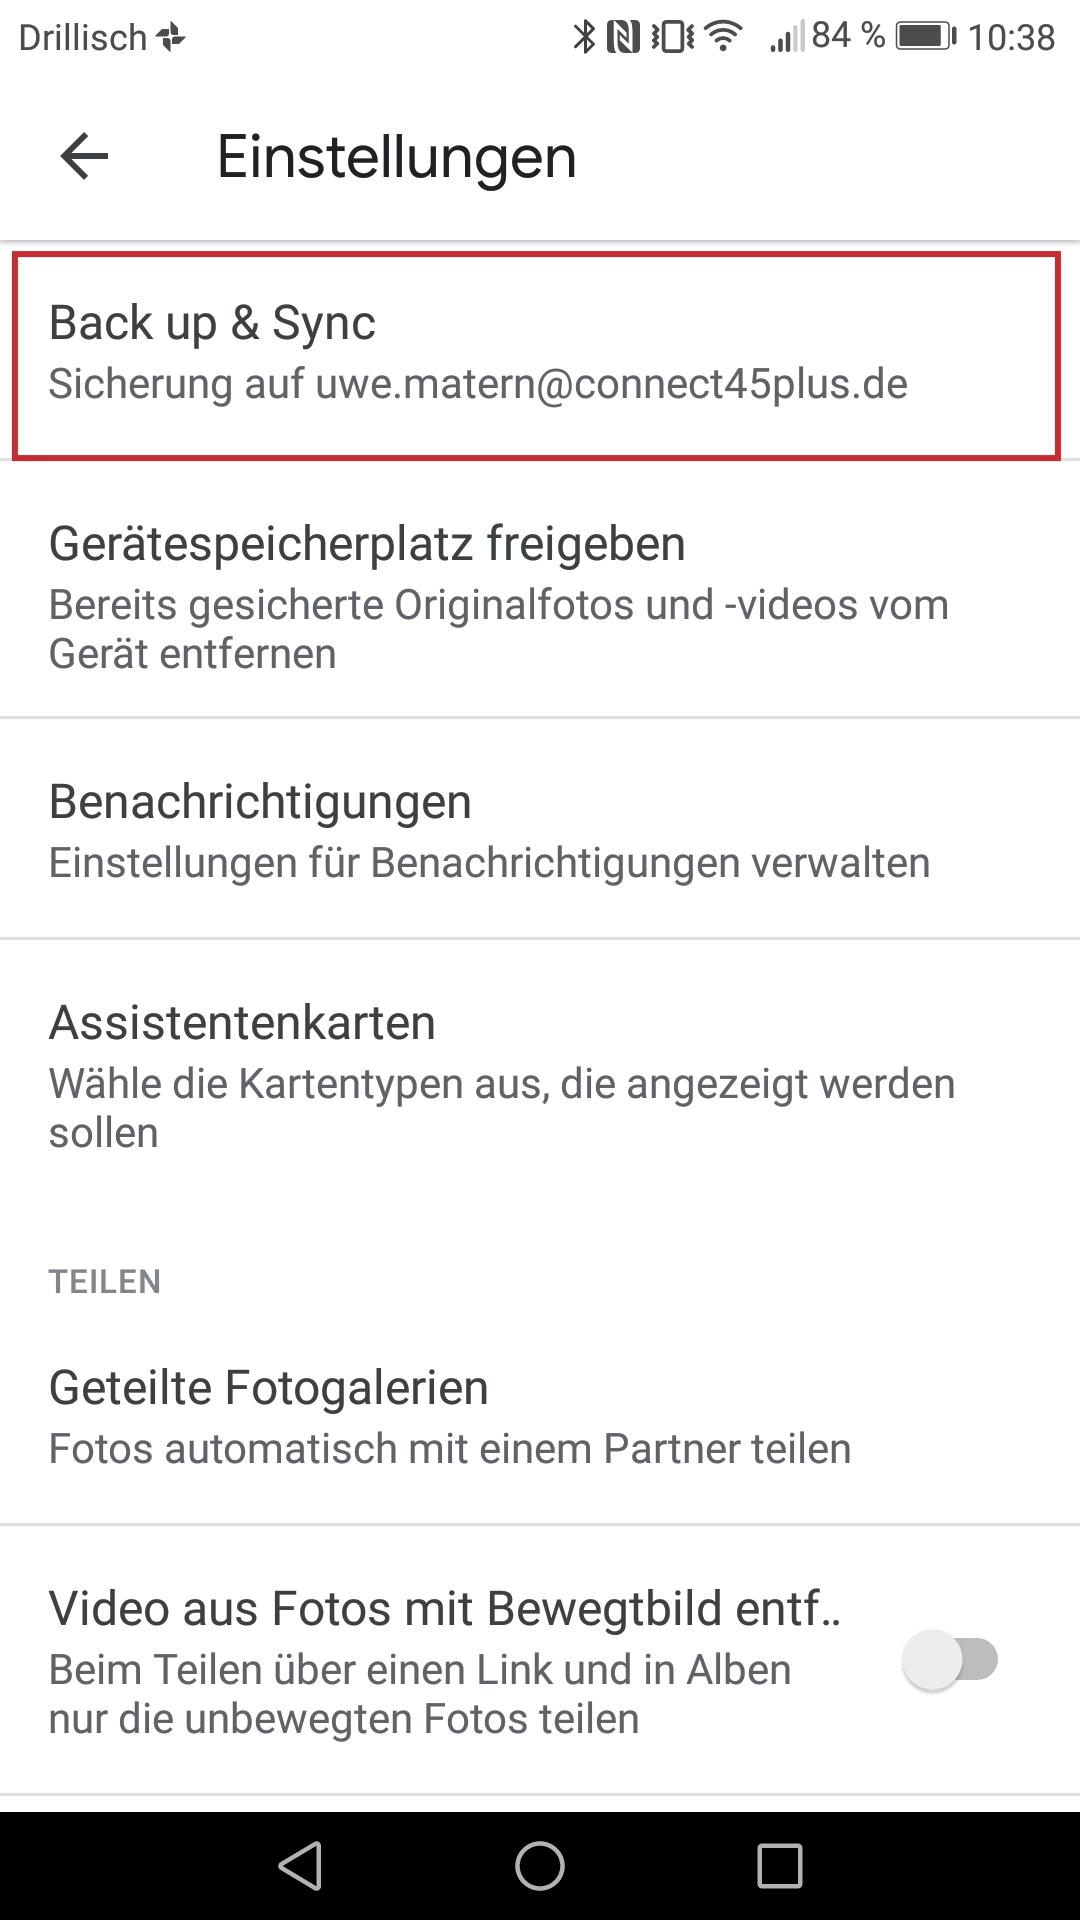 Abb 2 - Google Fotos Sicherung